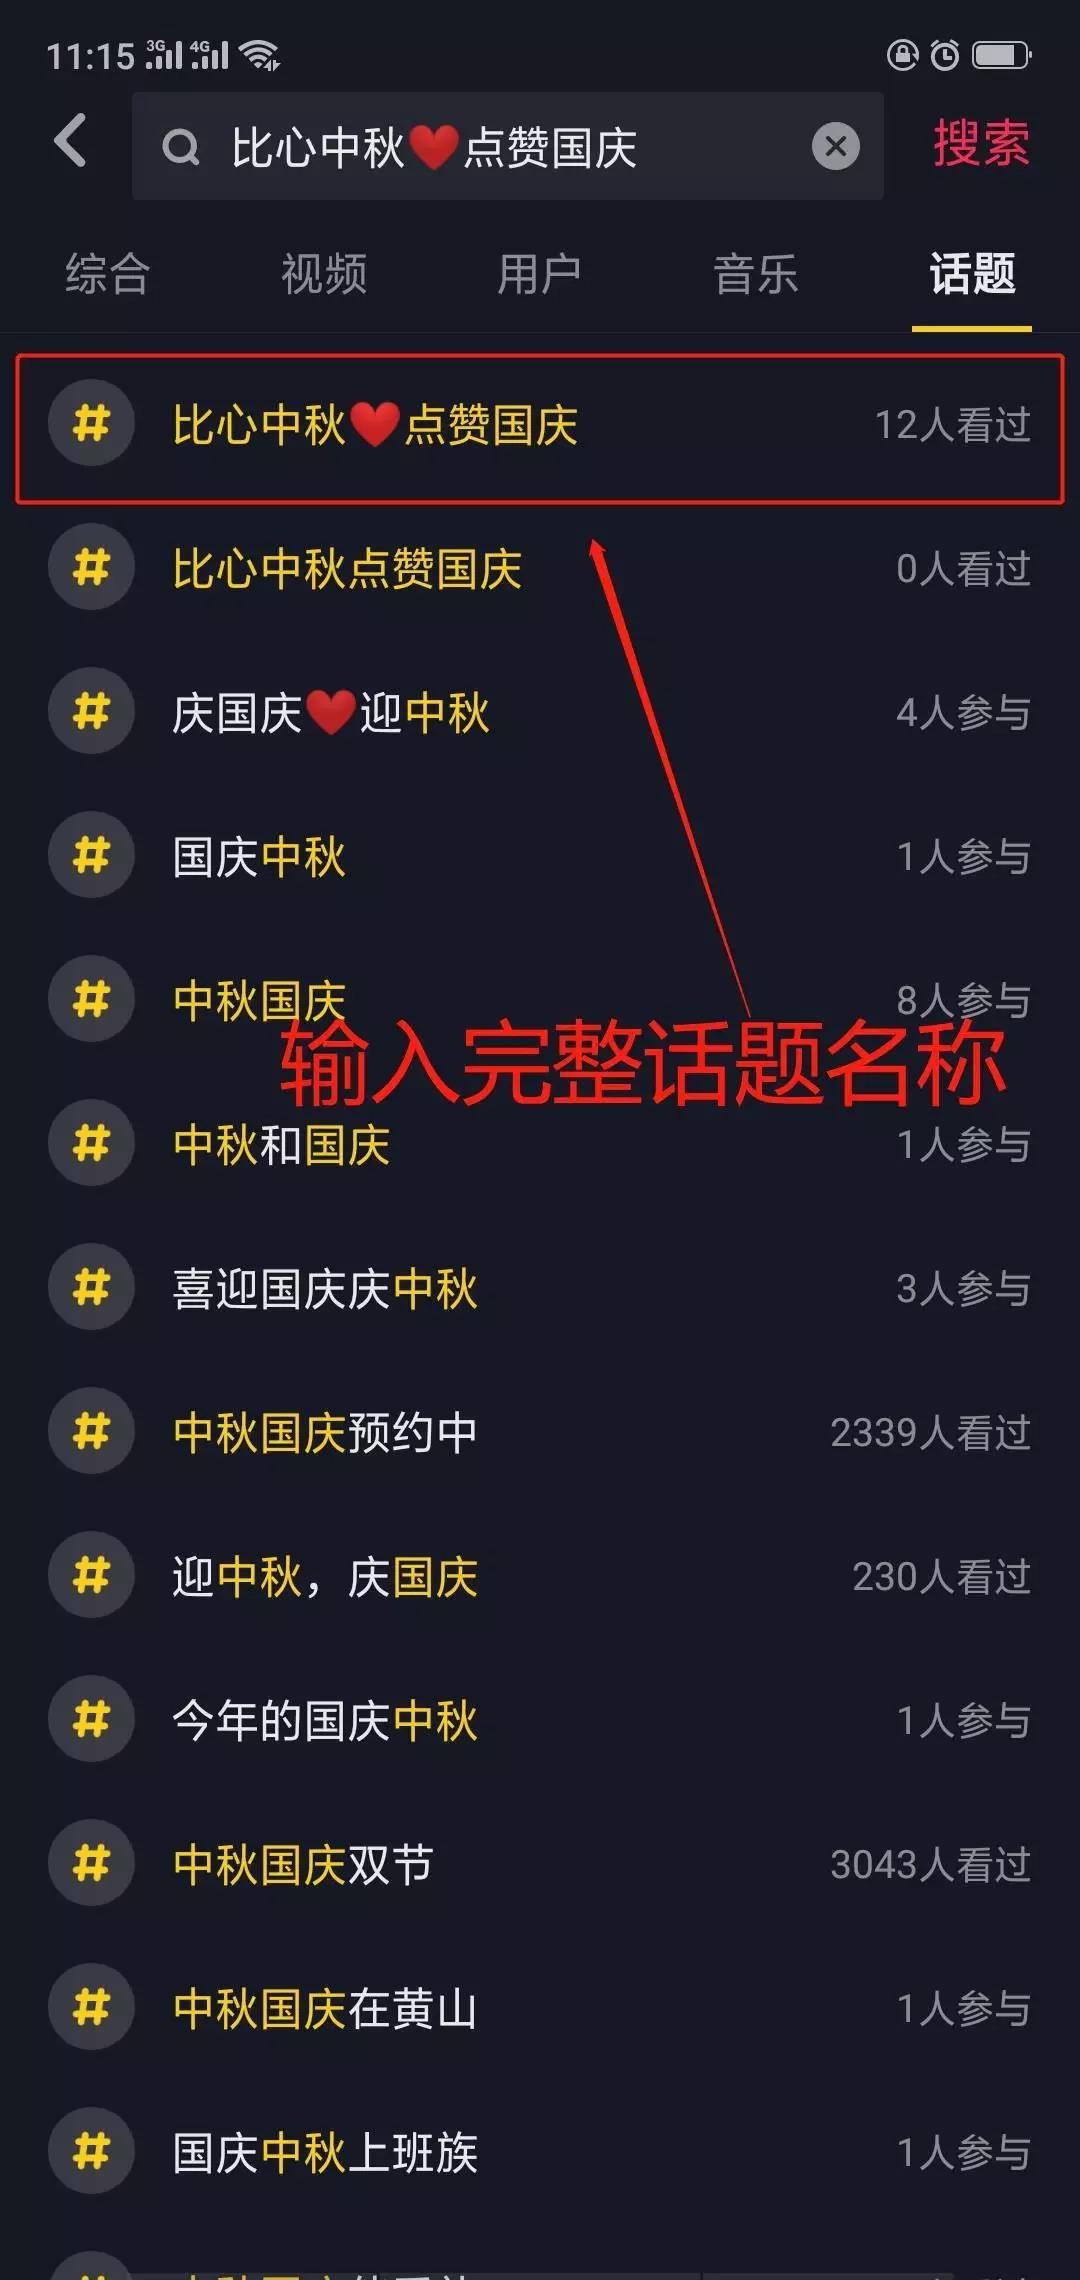 郑州北大青鸟职英抖音大赛拍摄指南2